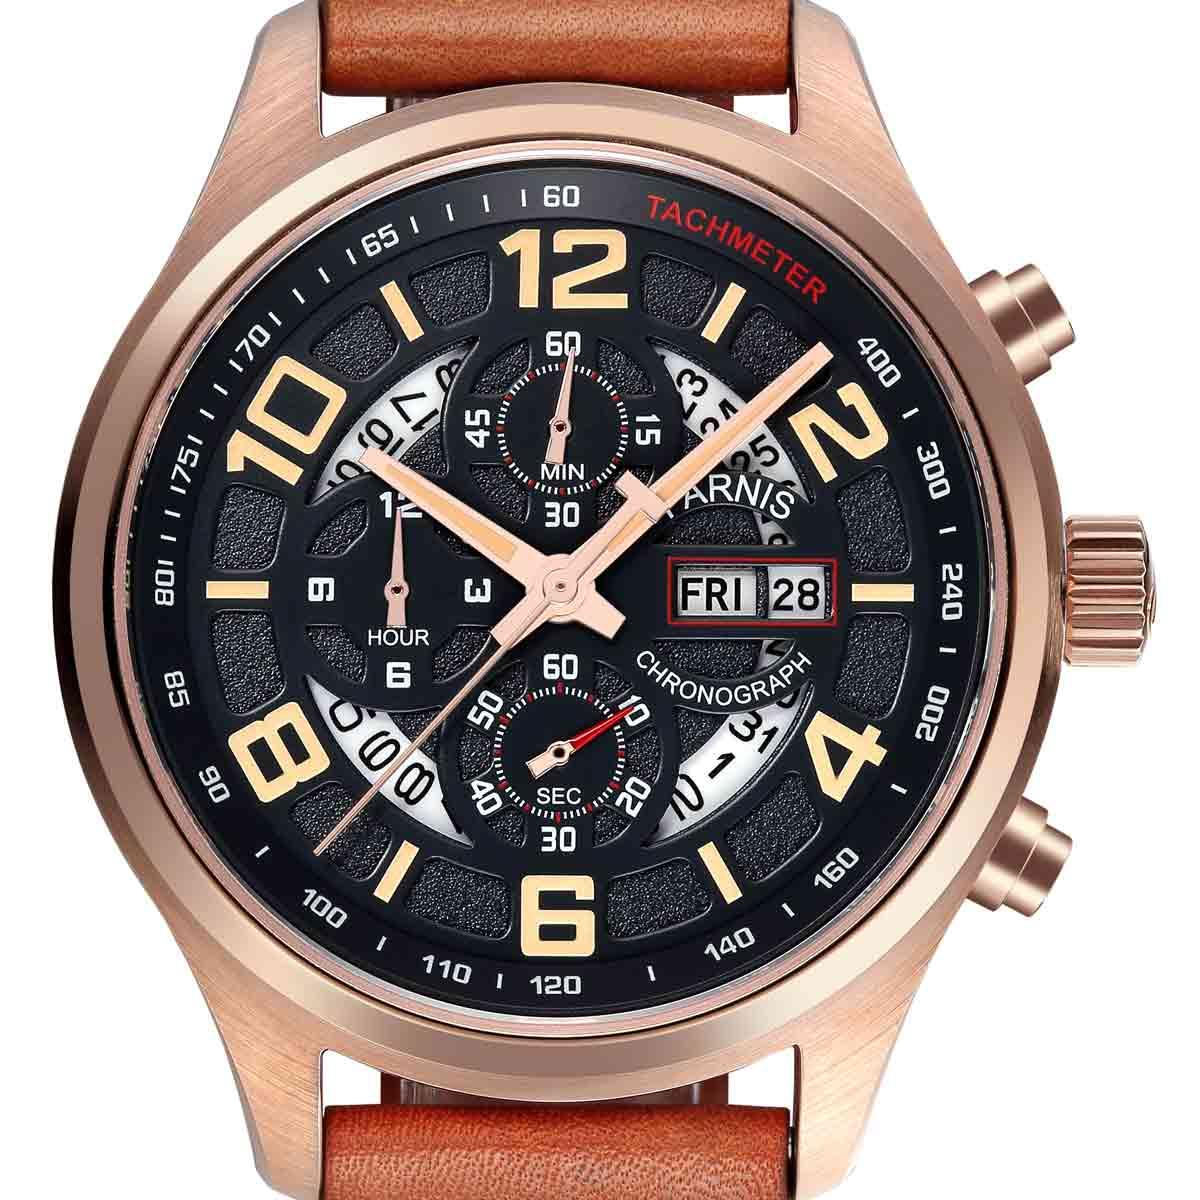 【残り1点】【NEW】PARNIS パーニス クォーツ 腕時計 [PA6053-S6EL-ORBR] 並行輸入品 純正ケース メーカー保証12ヶ月